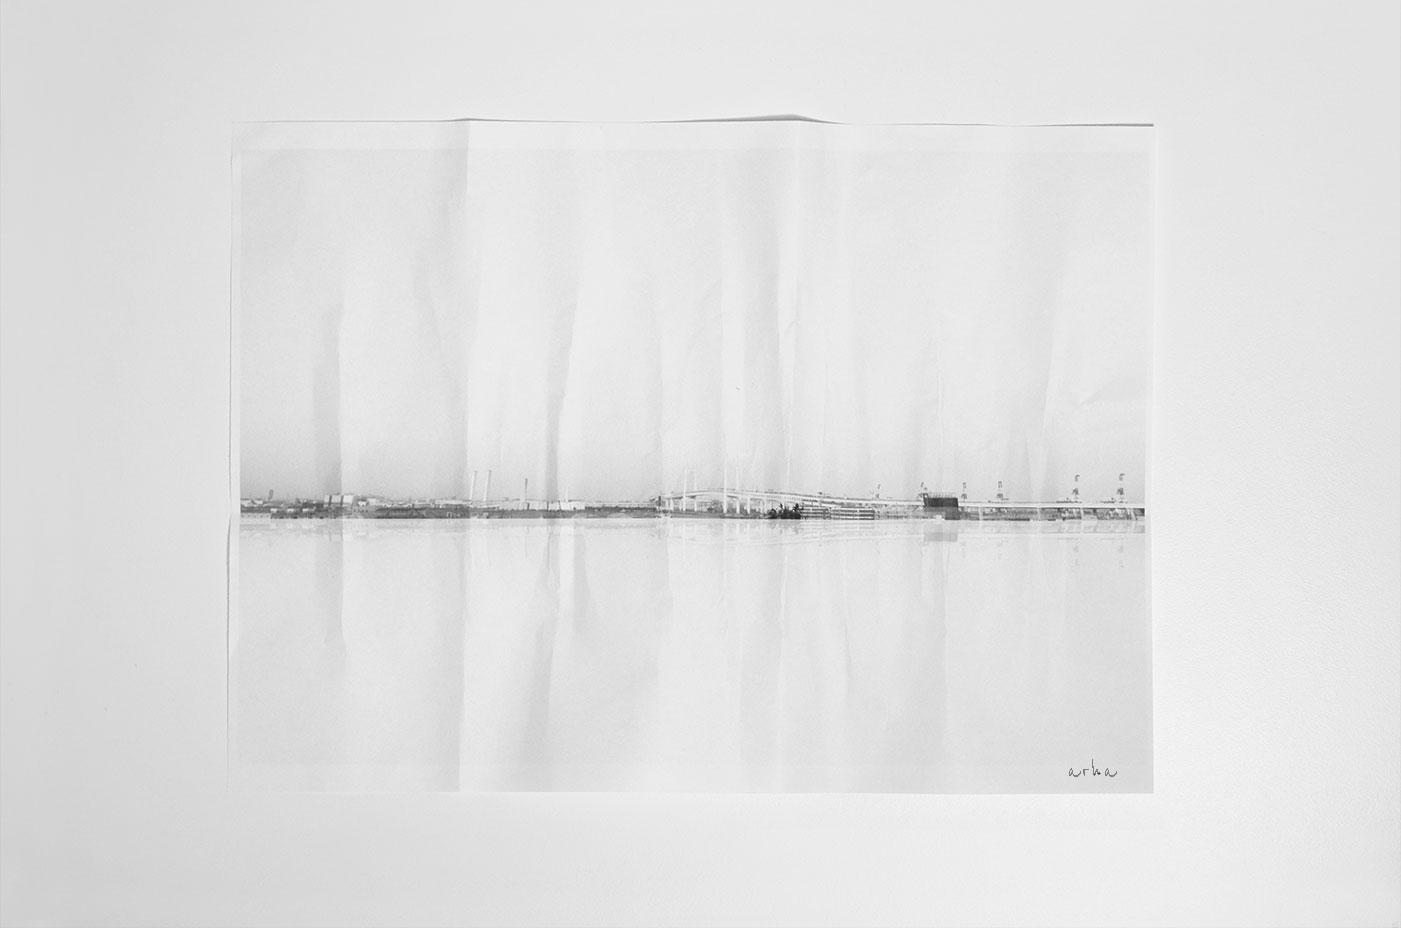 YKHM-B-minimalism-copyright-2013-arha-Tomomichi-Morifuji